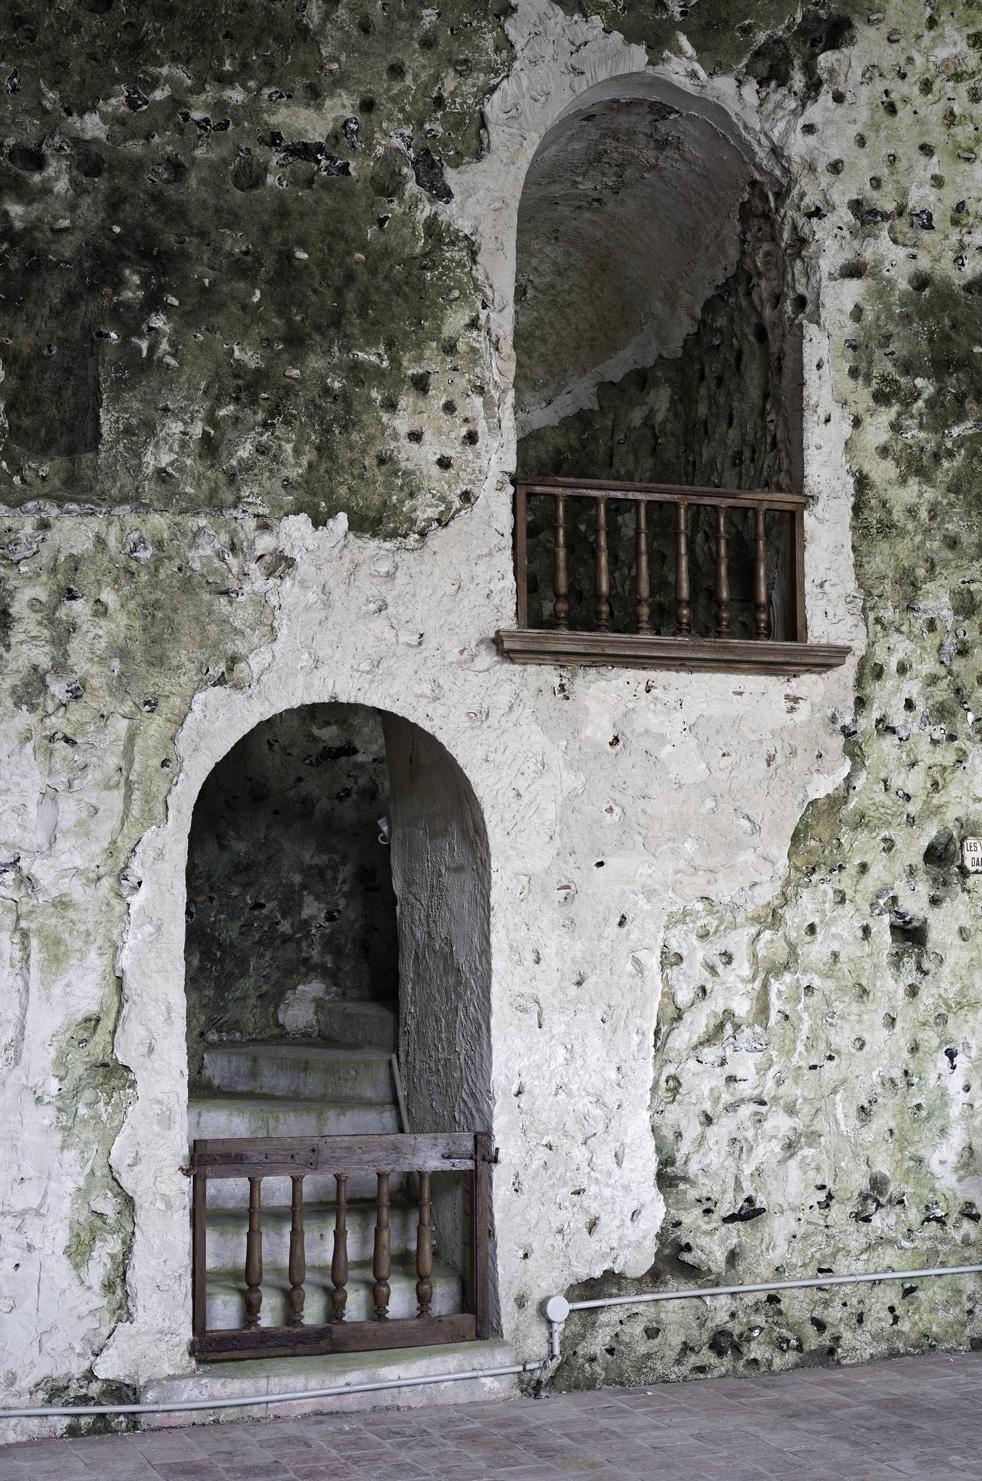 Chaire creusée à l'intérieur de l'Eglise troglodyte